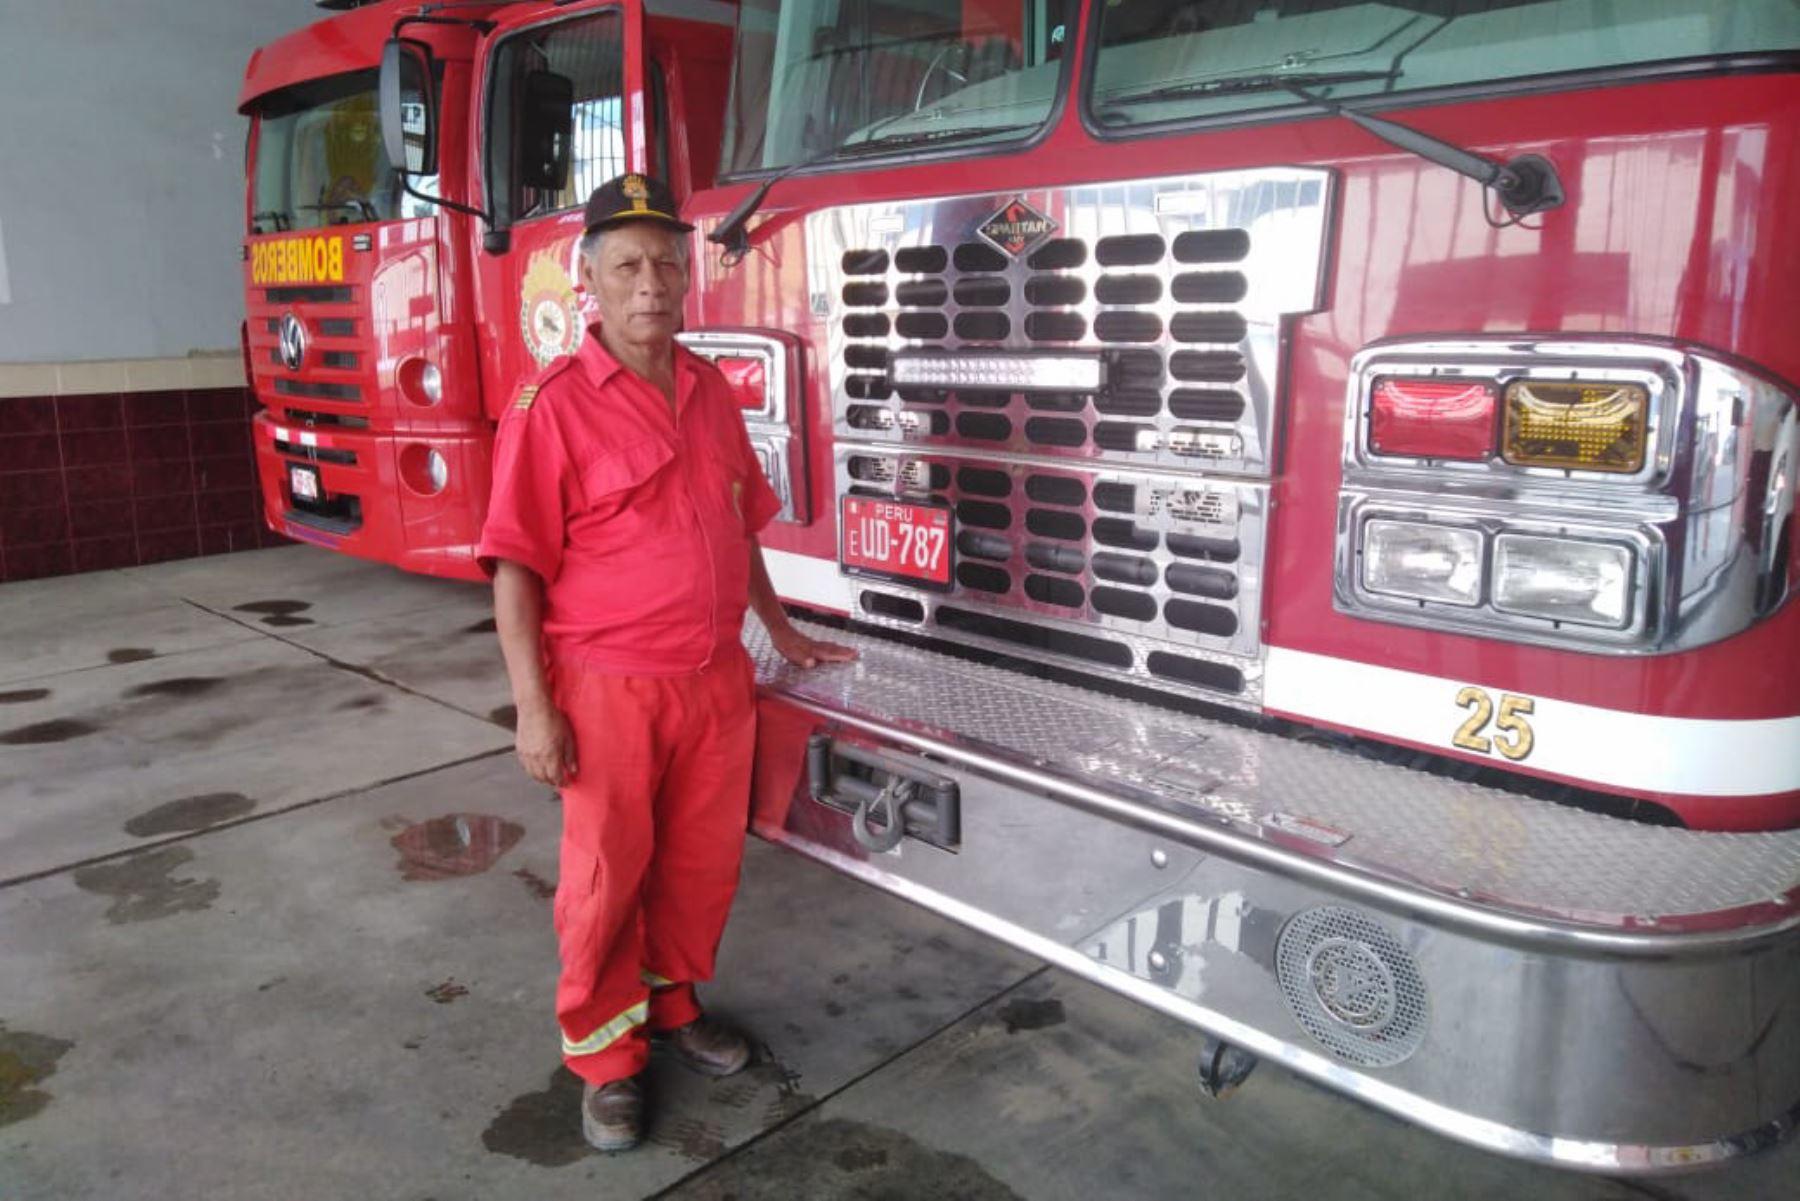 Conoce Luis Gonzaga Pomares, el bombero voluntario que cumple 45 años de esforzada labor en Piura.